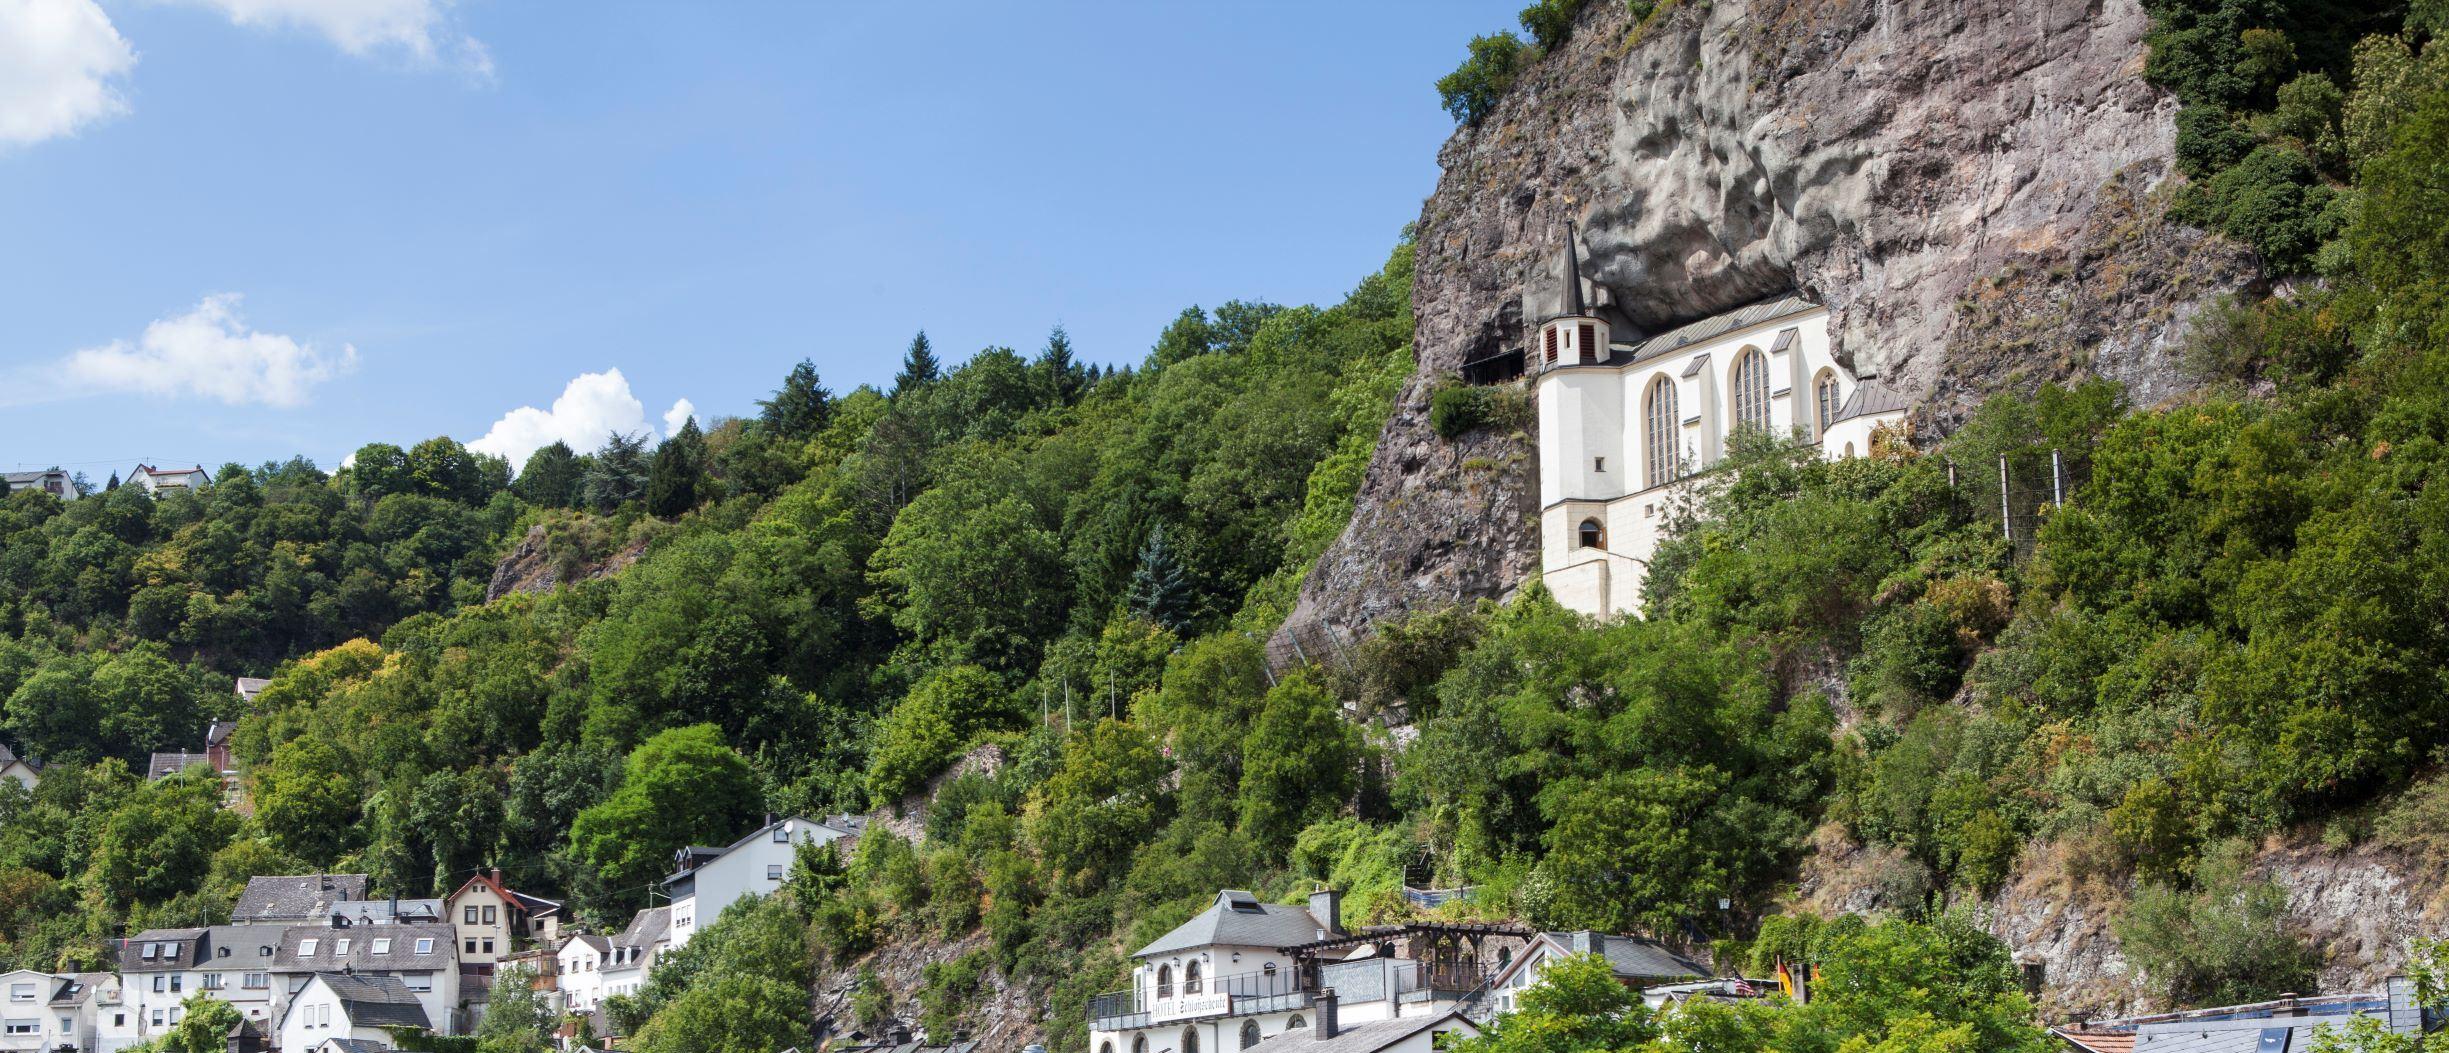 Ausblick auf die Felsenkirche die über Idar-Oberstein thront, EdelSteinLand